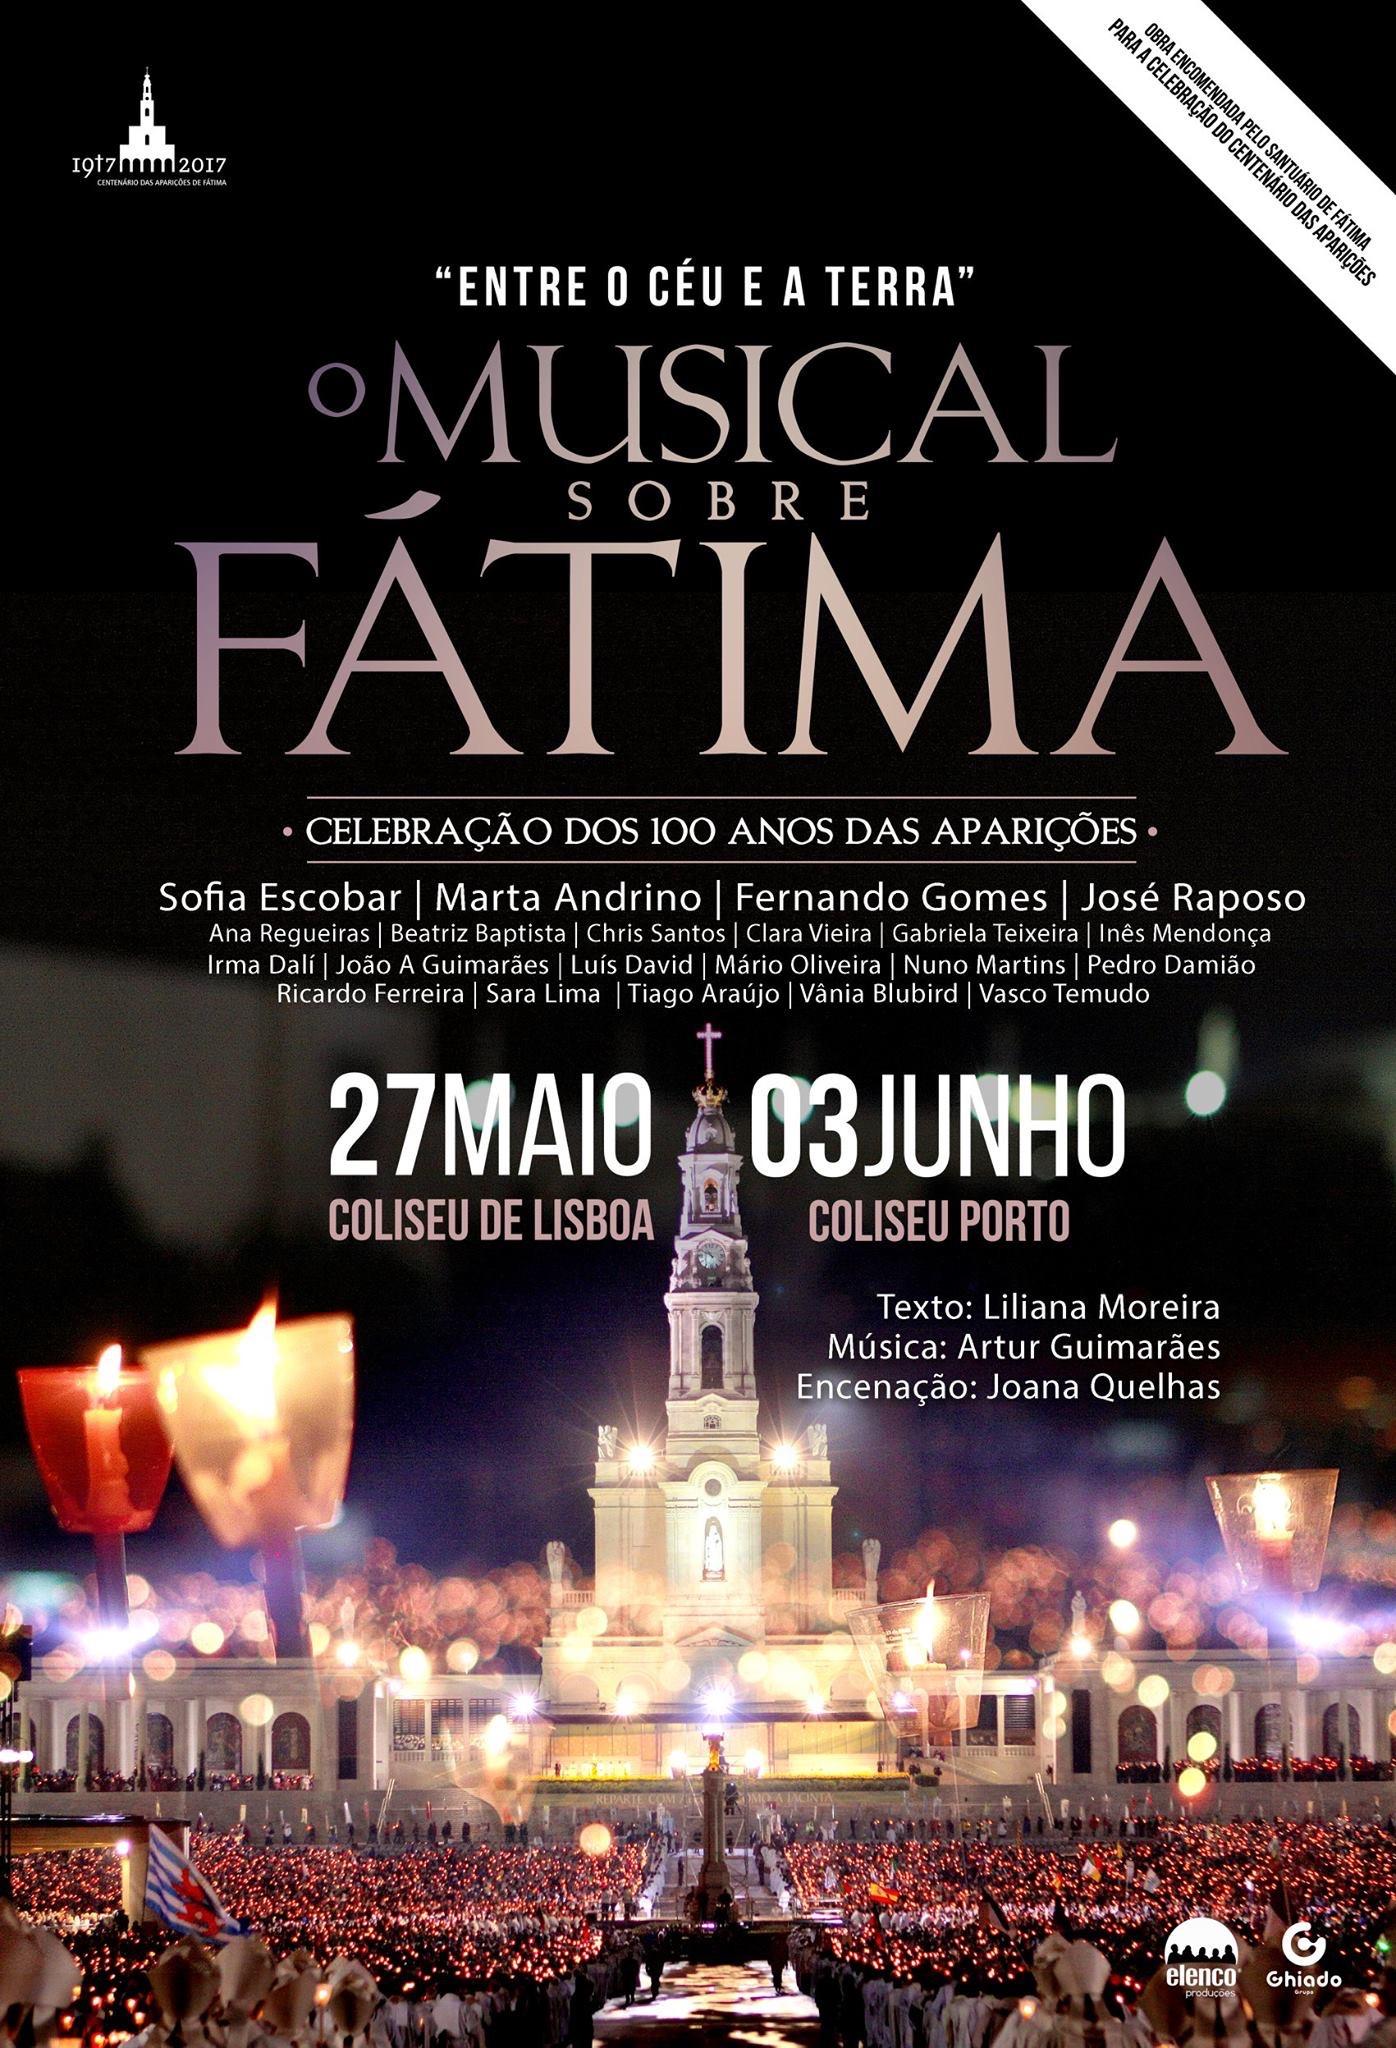 Cartaz: Entre o Céu e a Terra - O Musical sobre Fátima